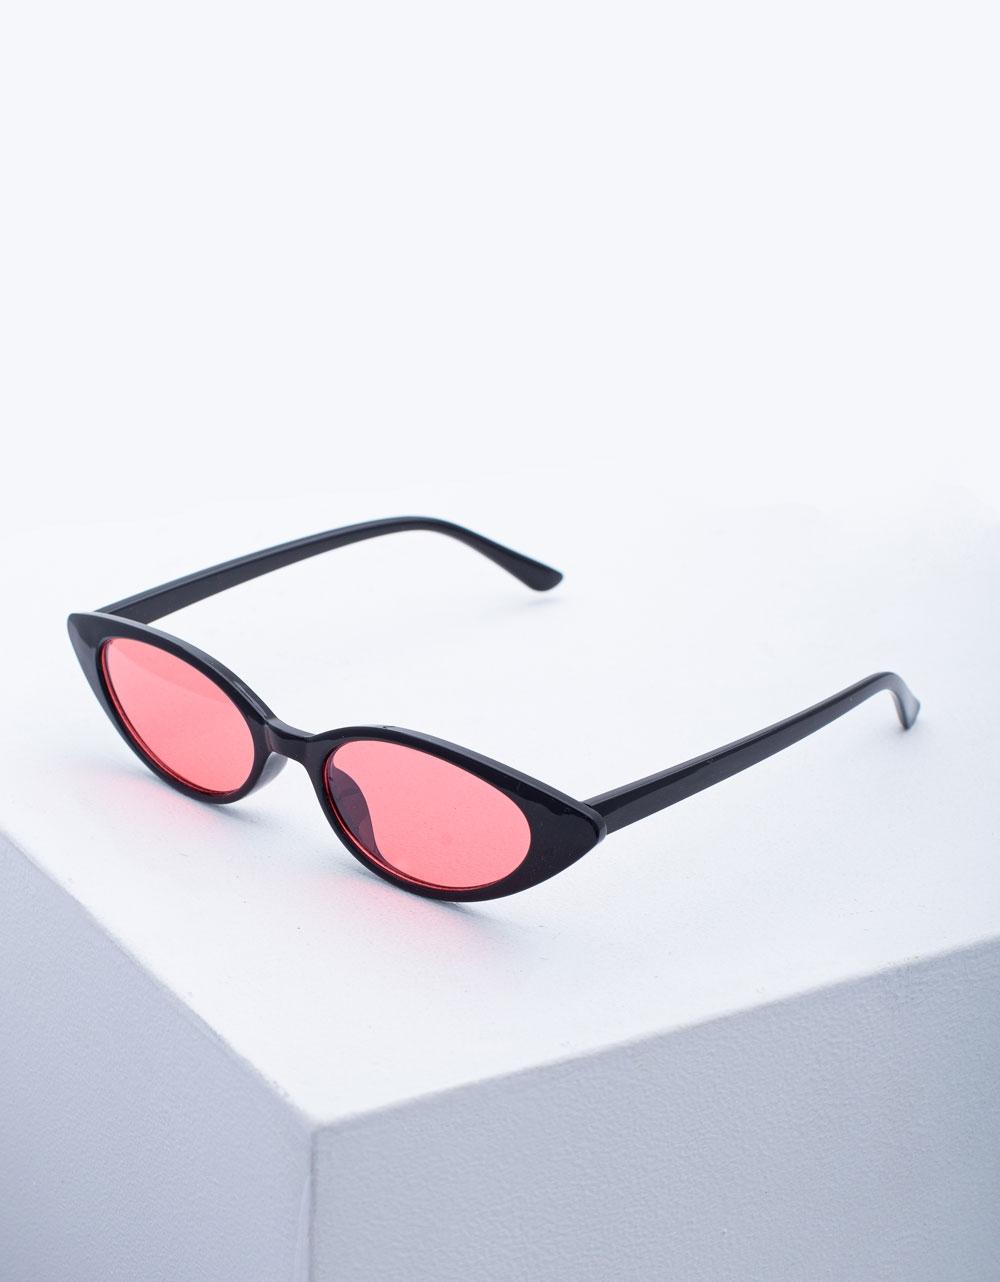 Εικόνα από Γυναικεία γυαλιά ηλίου με χρώμα στο φακό Μαύρο/Ροζ